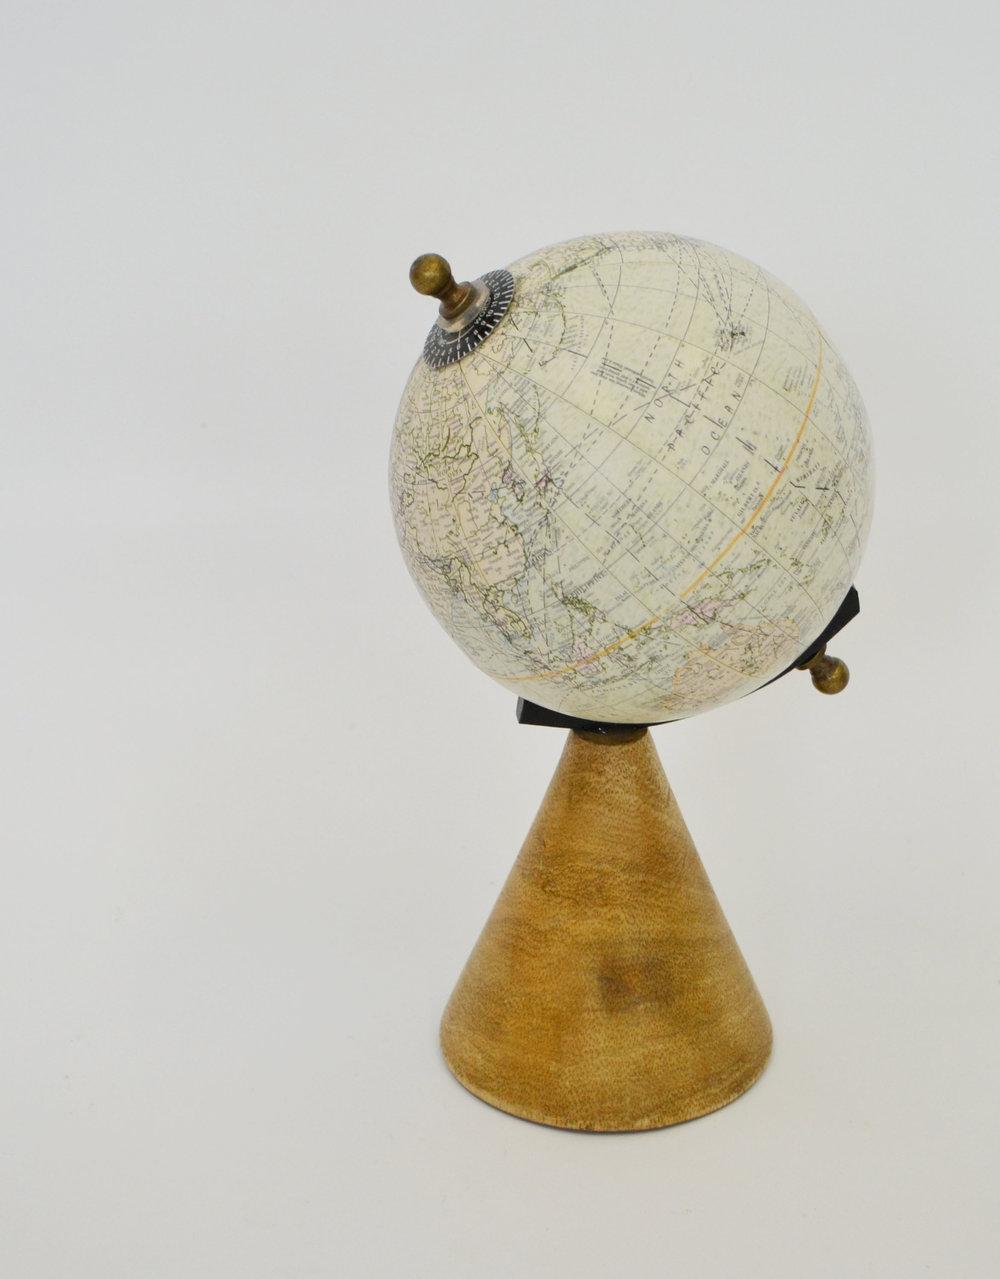 small globe   Quantity: 2  Price: $15.00